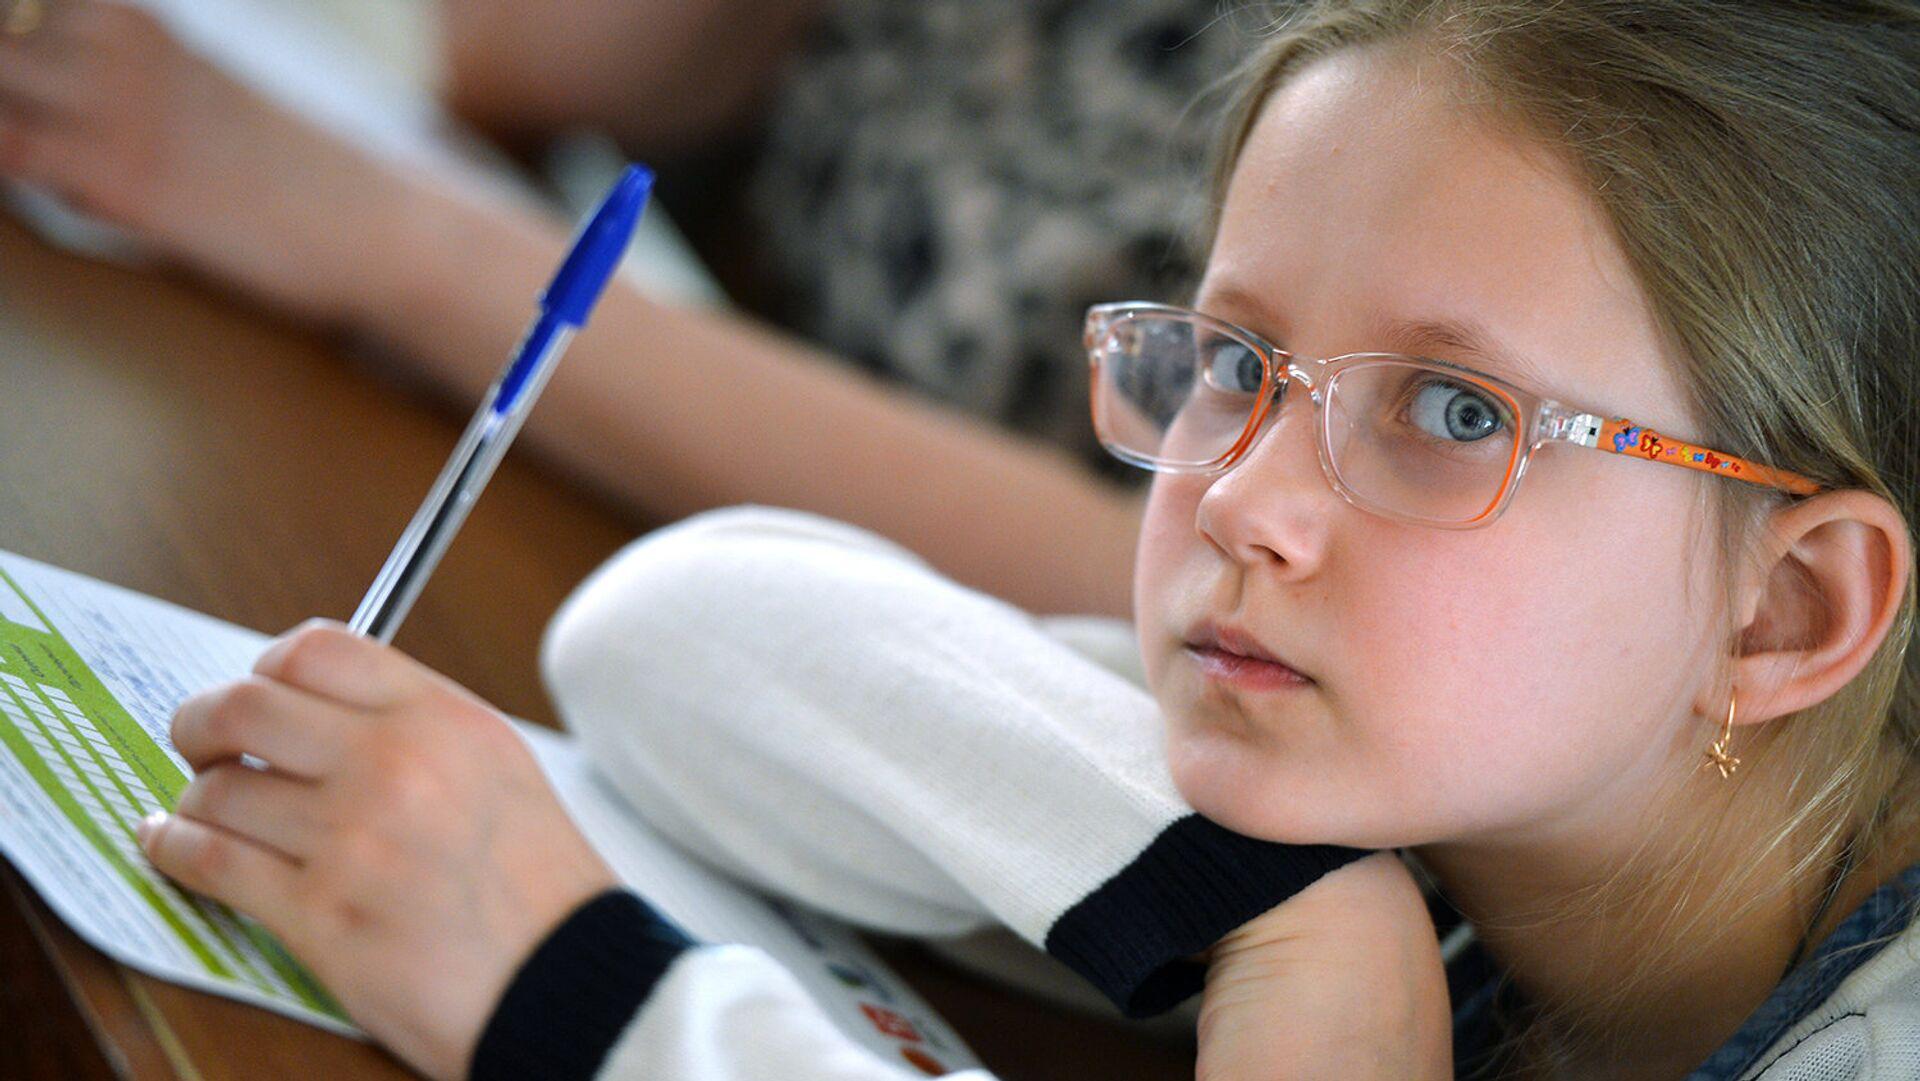 Почти у половины школьников Москвы снижена острота зрения - РИА Новости, 1920, 04.10.2021